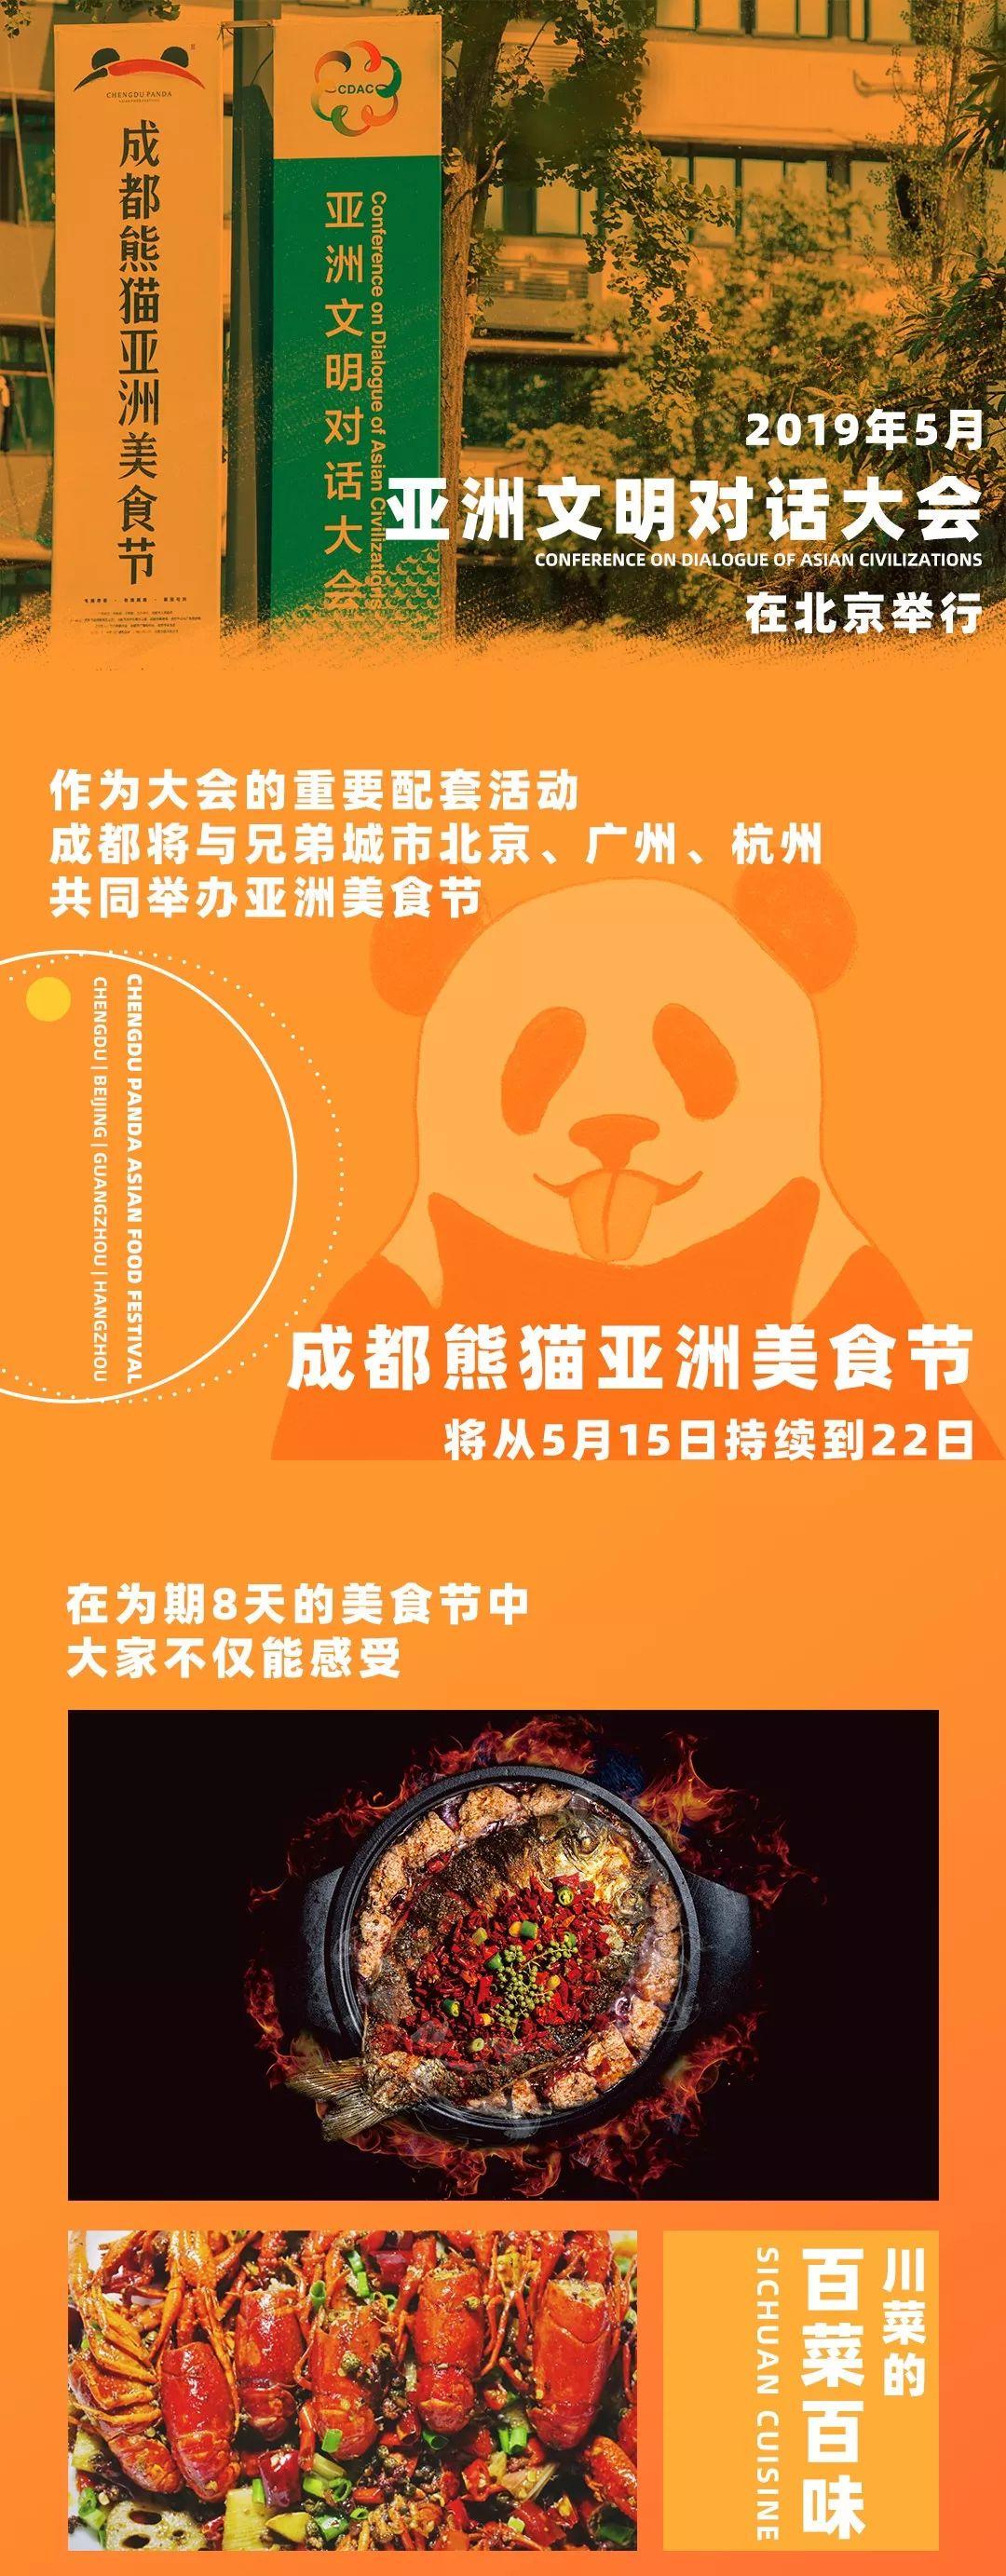 只要1分钱,打卡「成都熊猫亚洲美食节」130家美食!